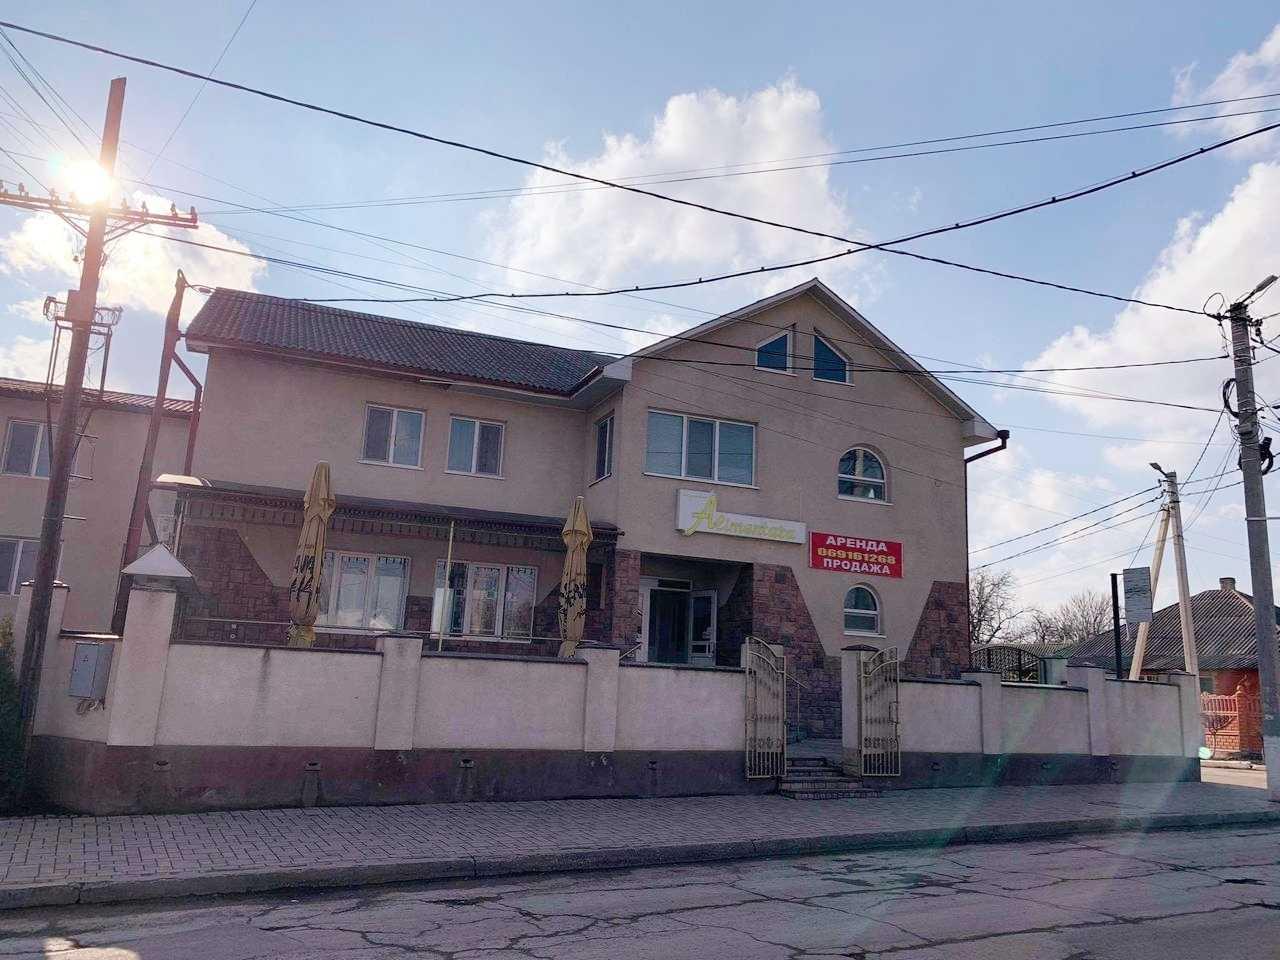 Продам 2-х эт. дом меблированный, район Кишинёвский Мост, Бельцы